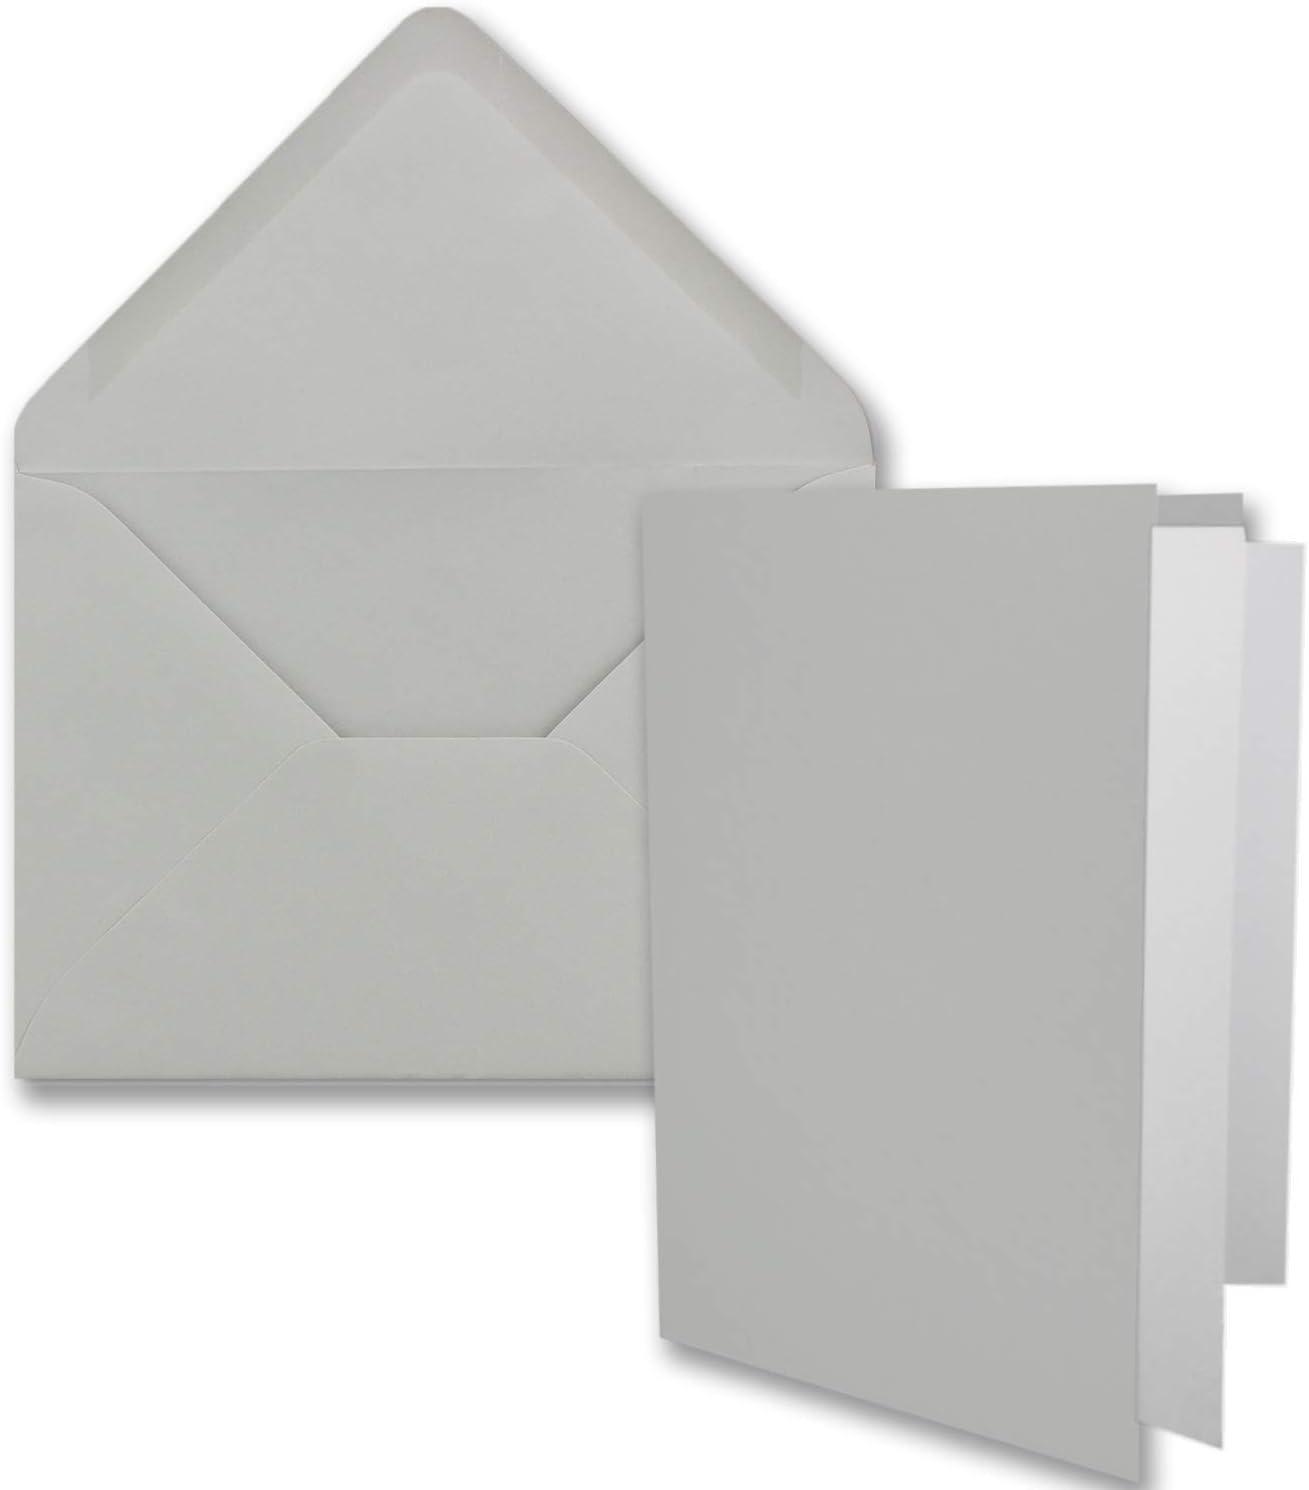 Hochzeit ideal f/ür Einladungskarten 11,5 x 17,0 cm Honig-Gelb DIN B6 Faltkarten Set mit Umschl/ägen Kommunion 100 Sets Konfirmation Marke: FarbenFroh/® Taufe formstabil